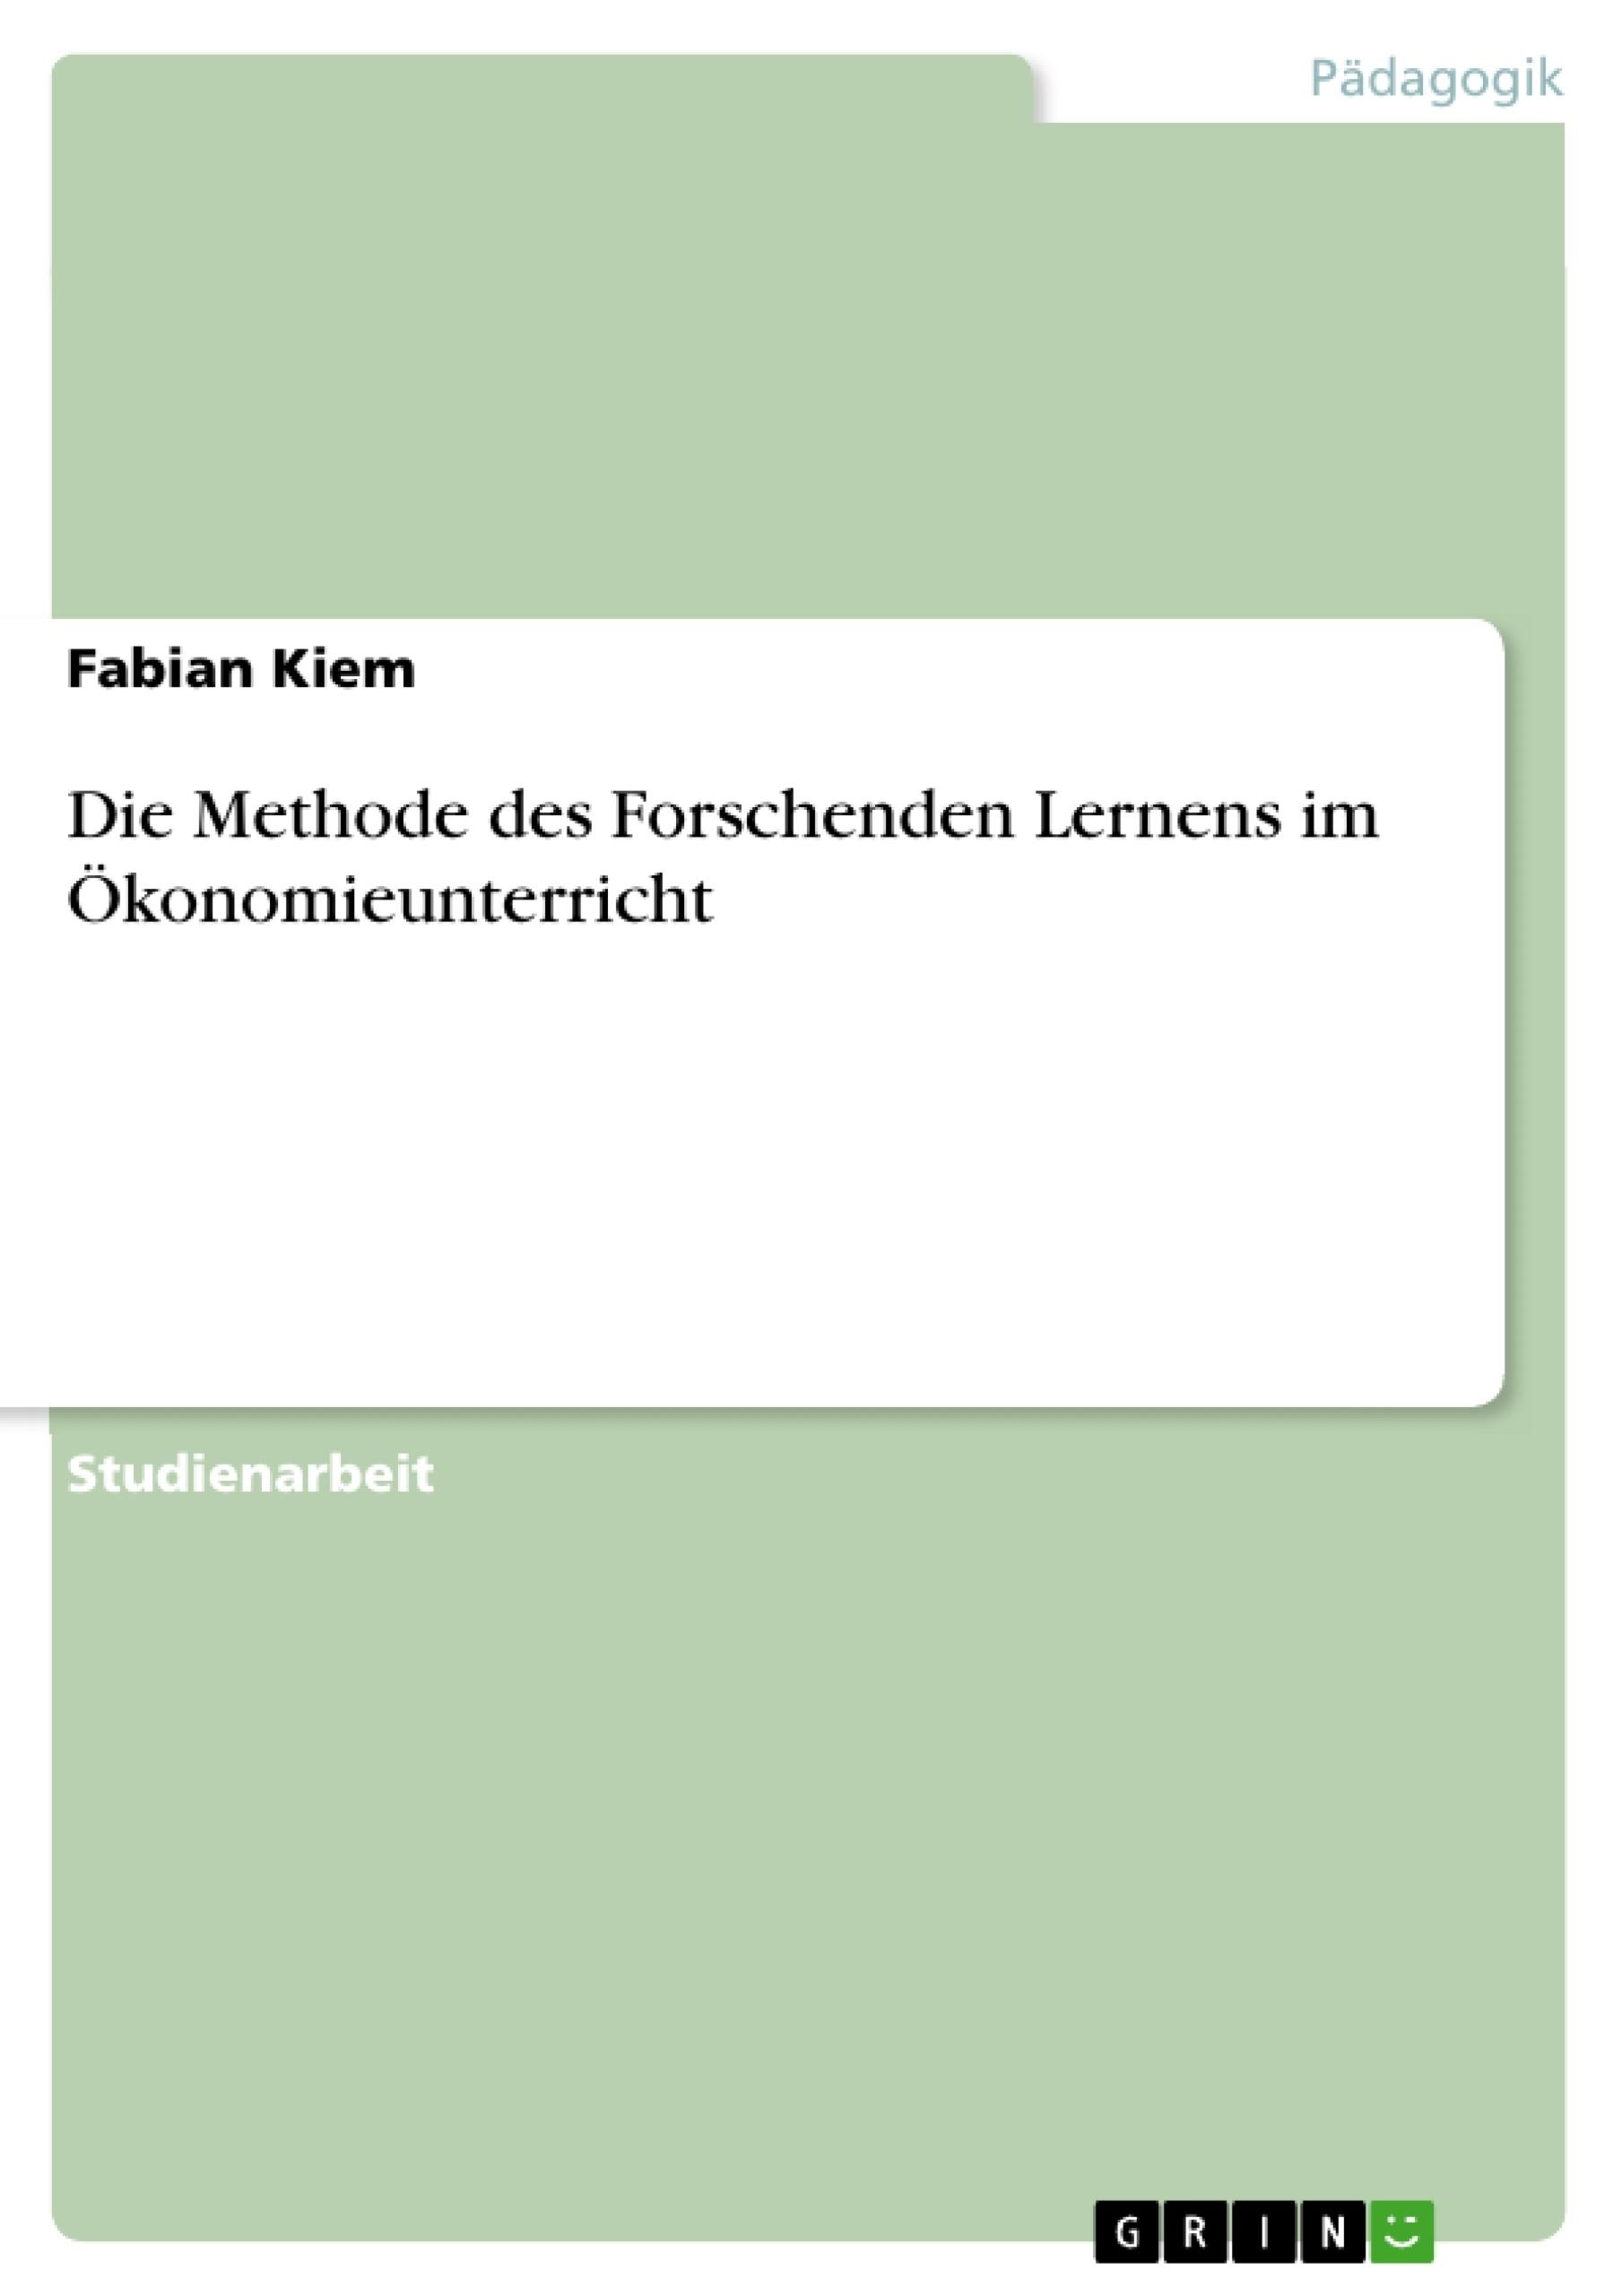 Titel: Die Methode des Forschenden Lernens im Ökonomieunterricht